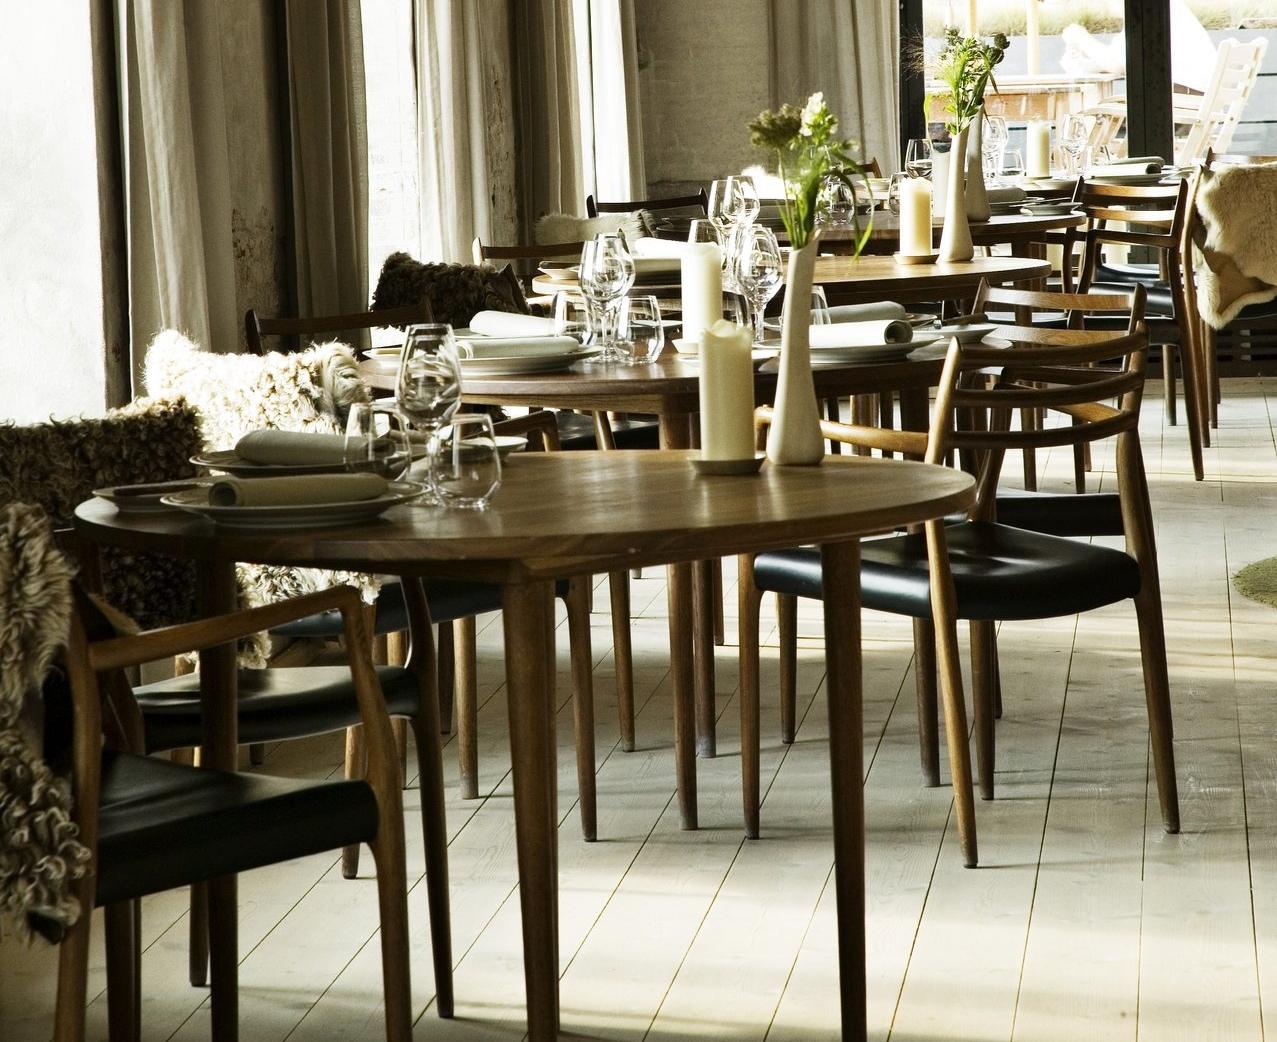 Restaurant Noma i København er netop kåret som verdens næstbedste restaurant. Foto for VisitDenmark, Ditte Isager.